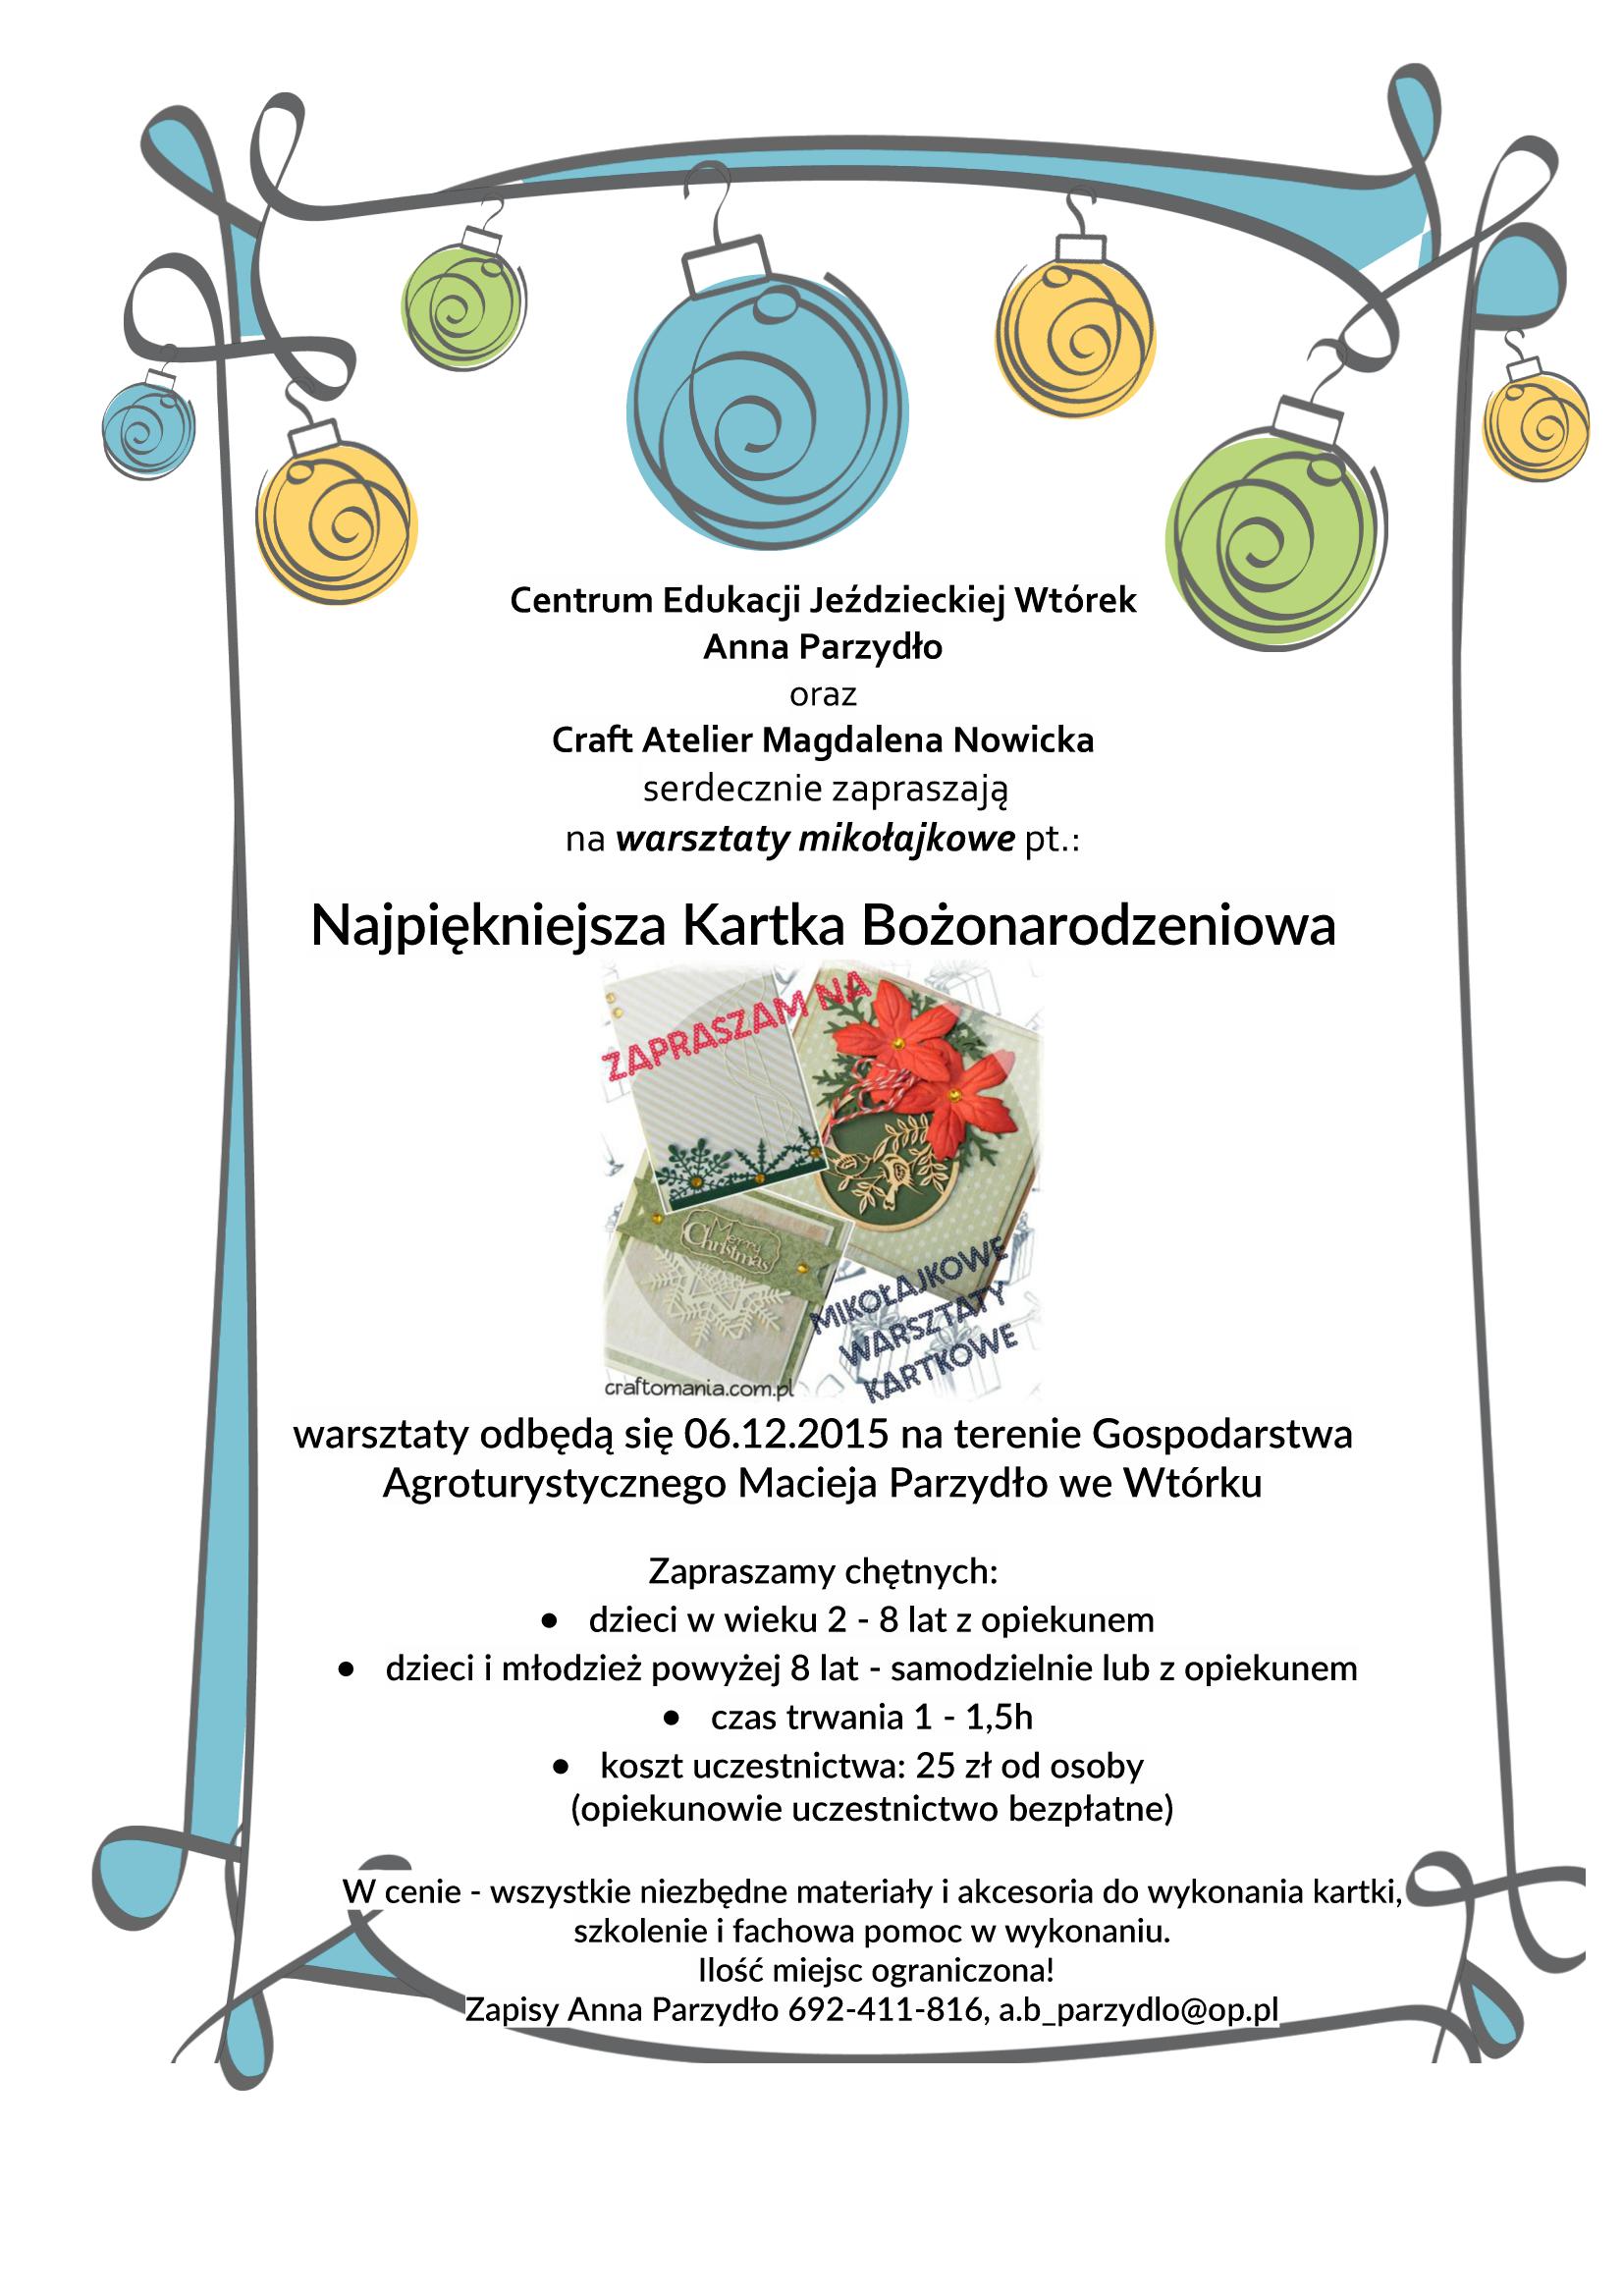 plakat warsztaty mikołajkowe zdjęcie